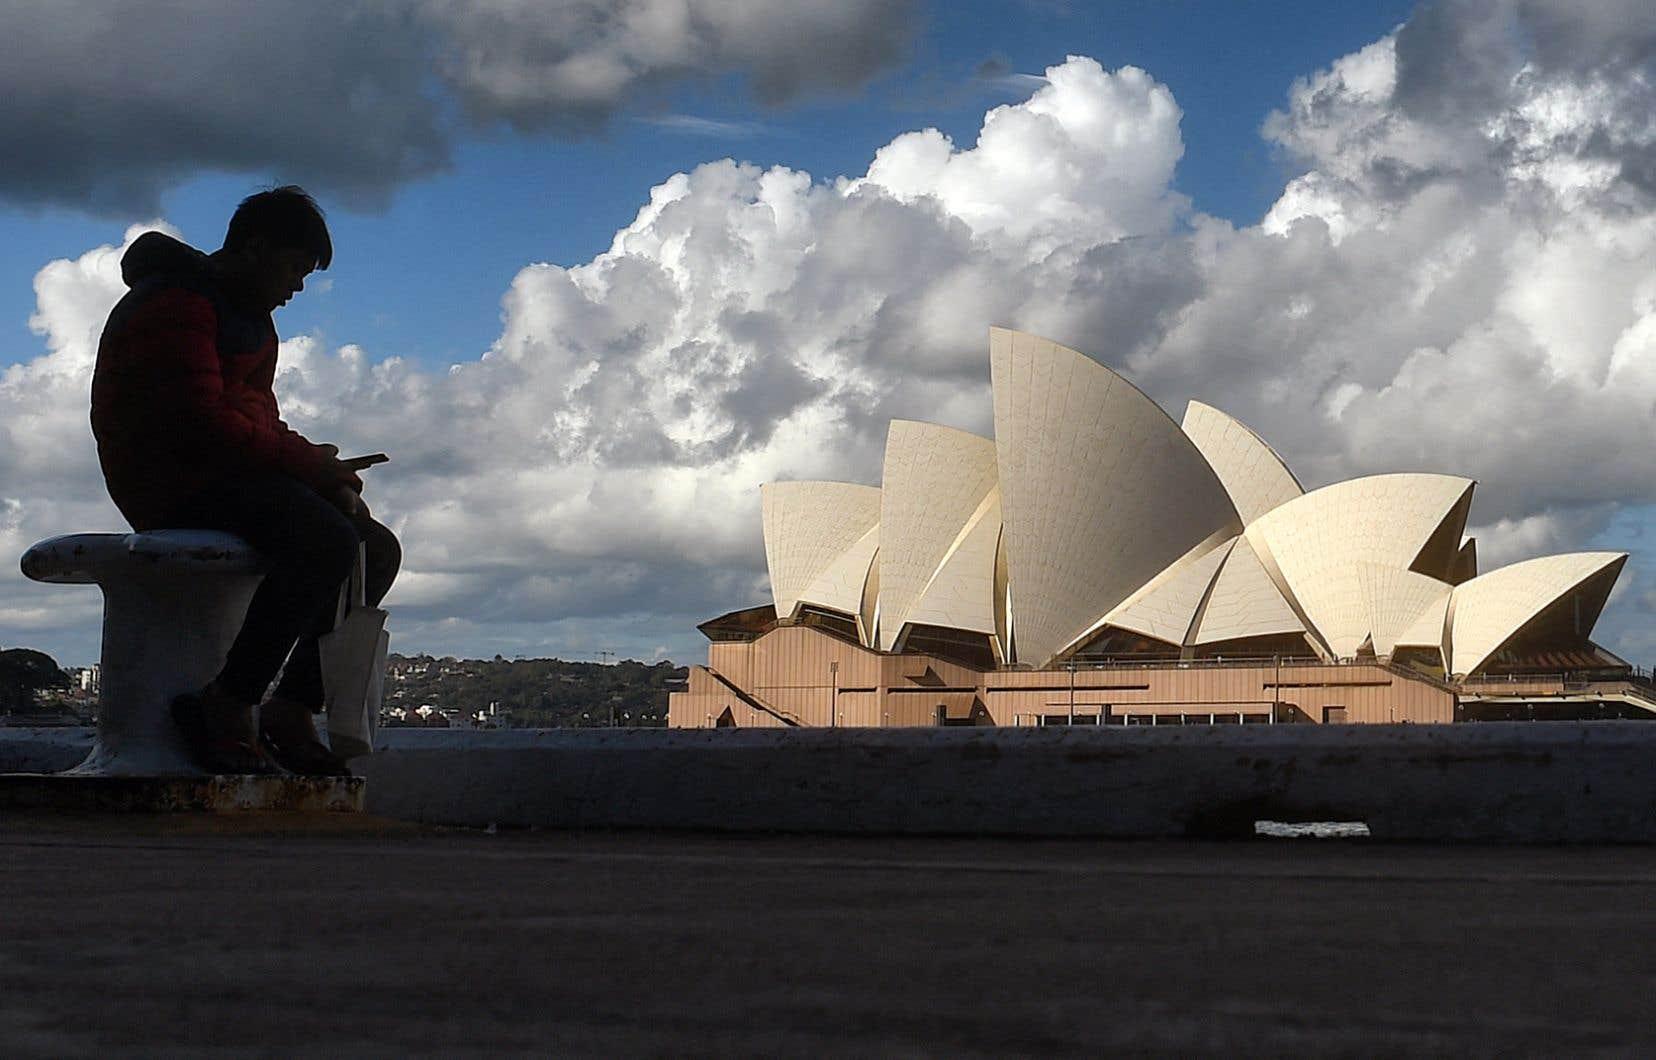 En Australie, le partage d'articles de nouvelles a été bloqué pendant quelques jours en réponse à un projet de loi qui forçait le réseau social à verser des redevances aux médias.